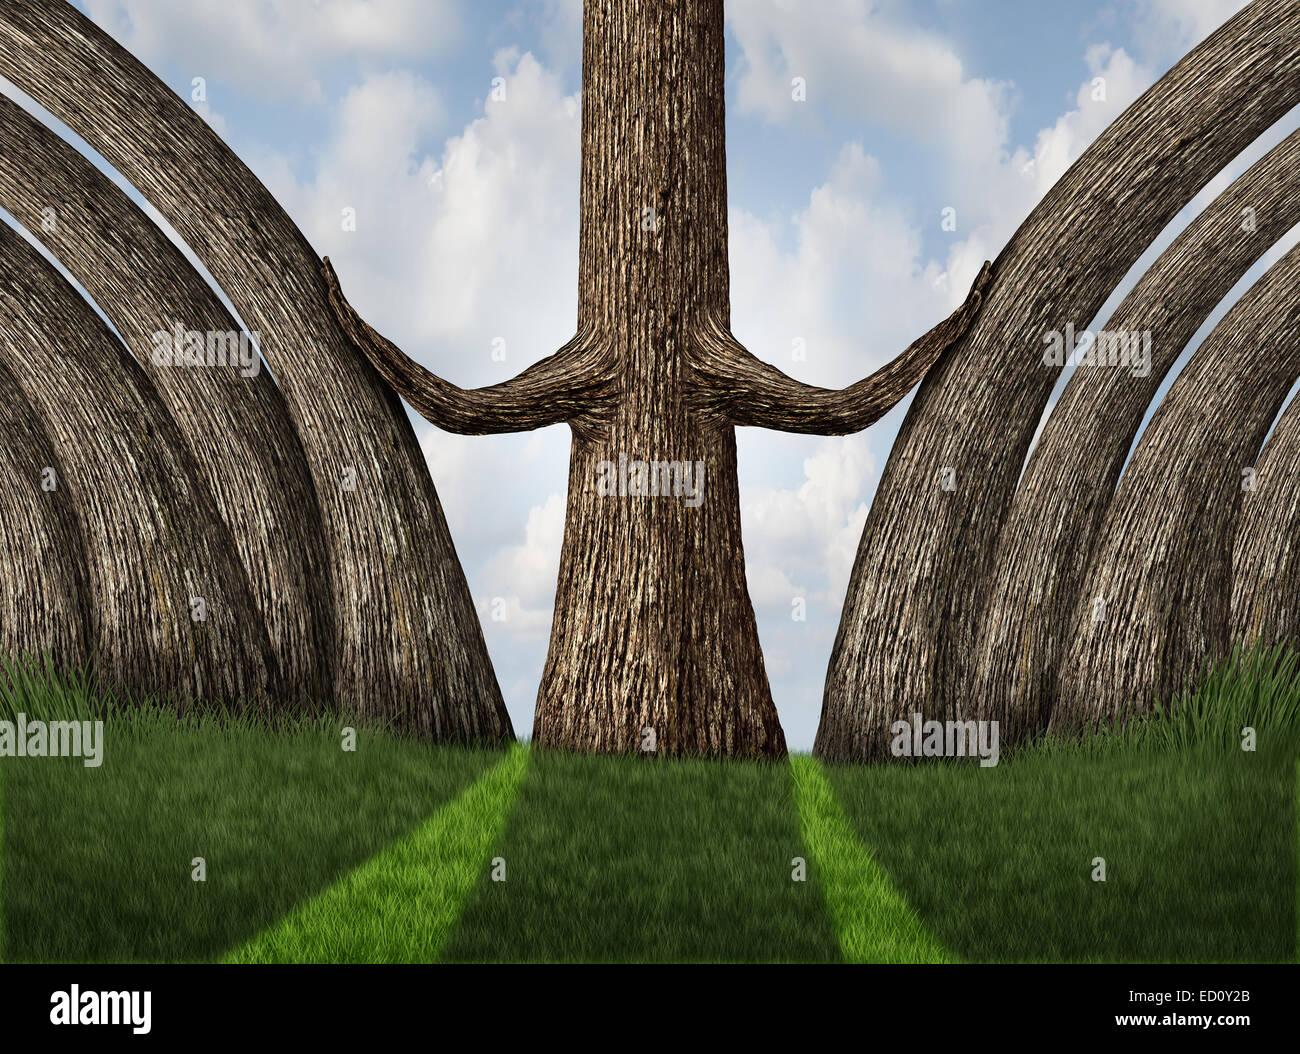 Der Wettbewerb als eine Karriere und Ehrgeiz Geschäftskonzept als Metapher herausschieben mit einem mächtigen Stockbild